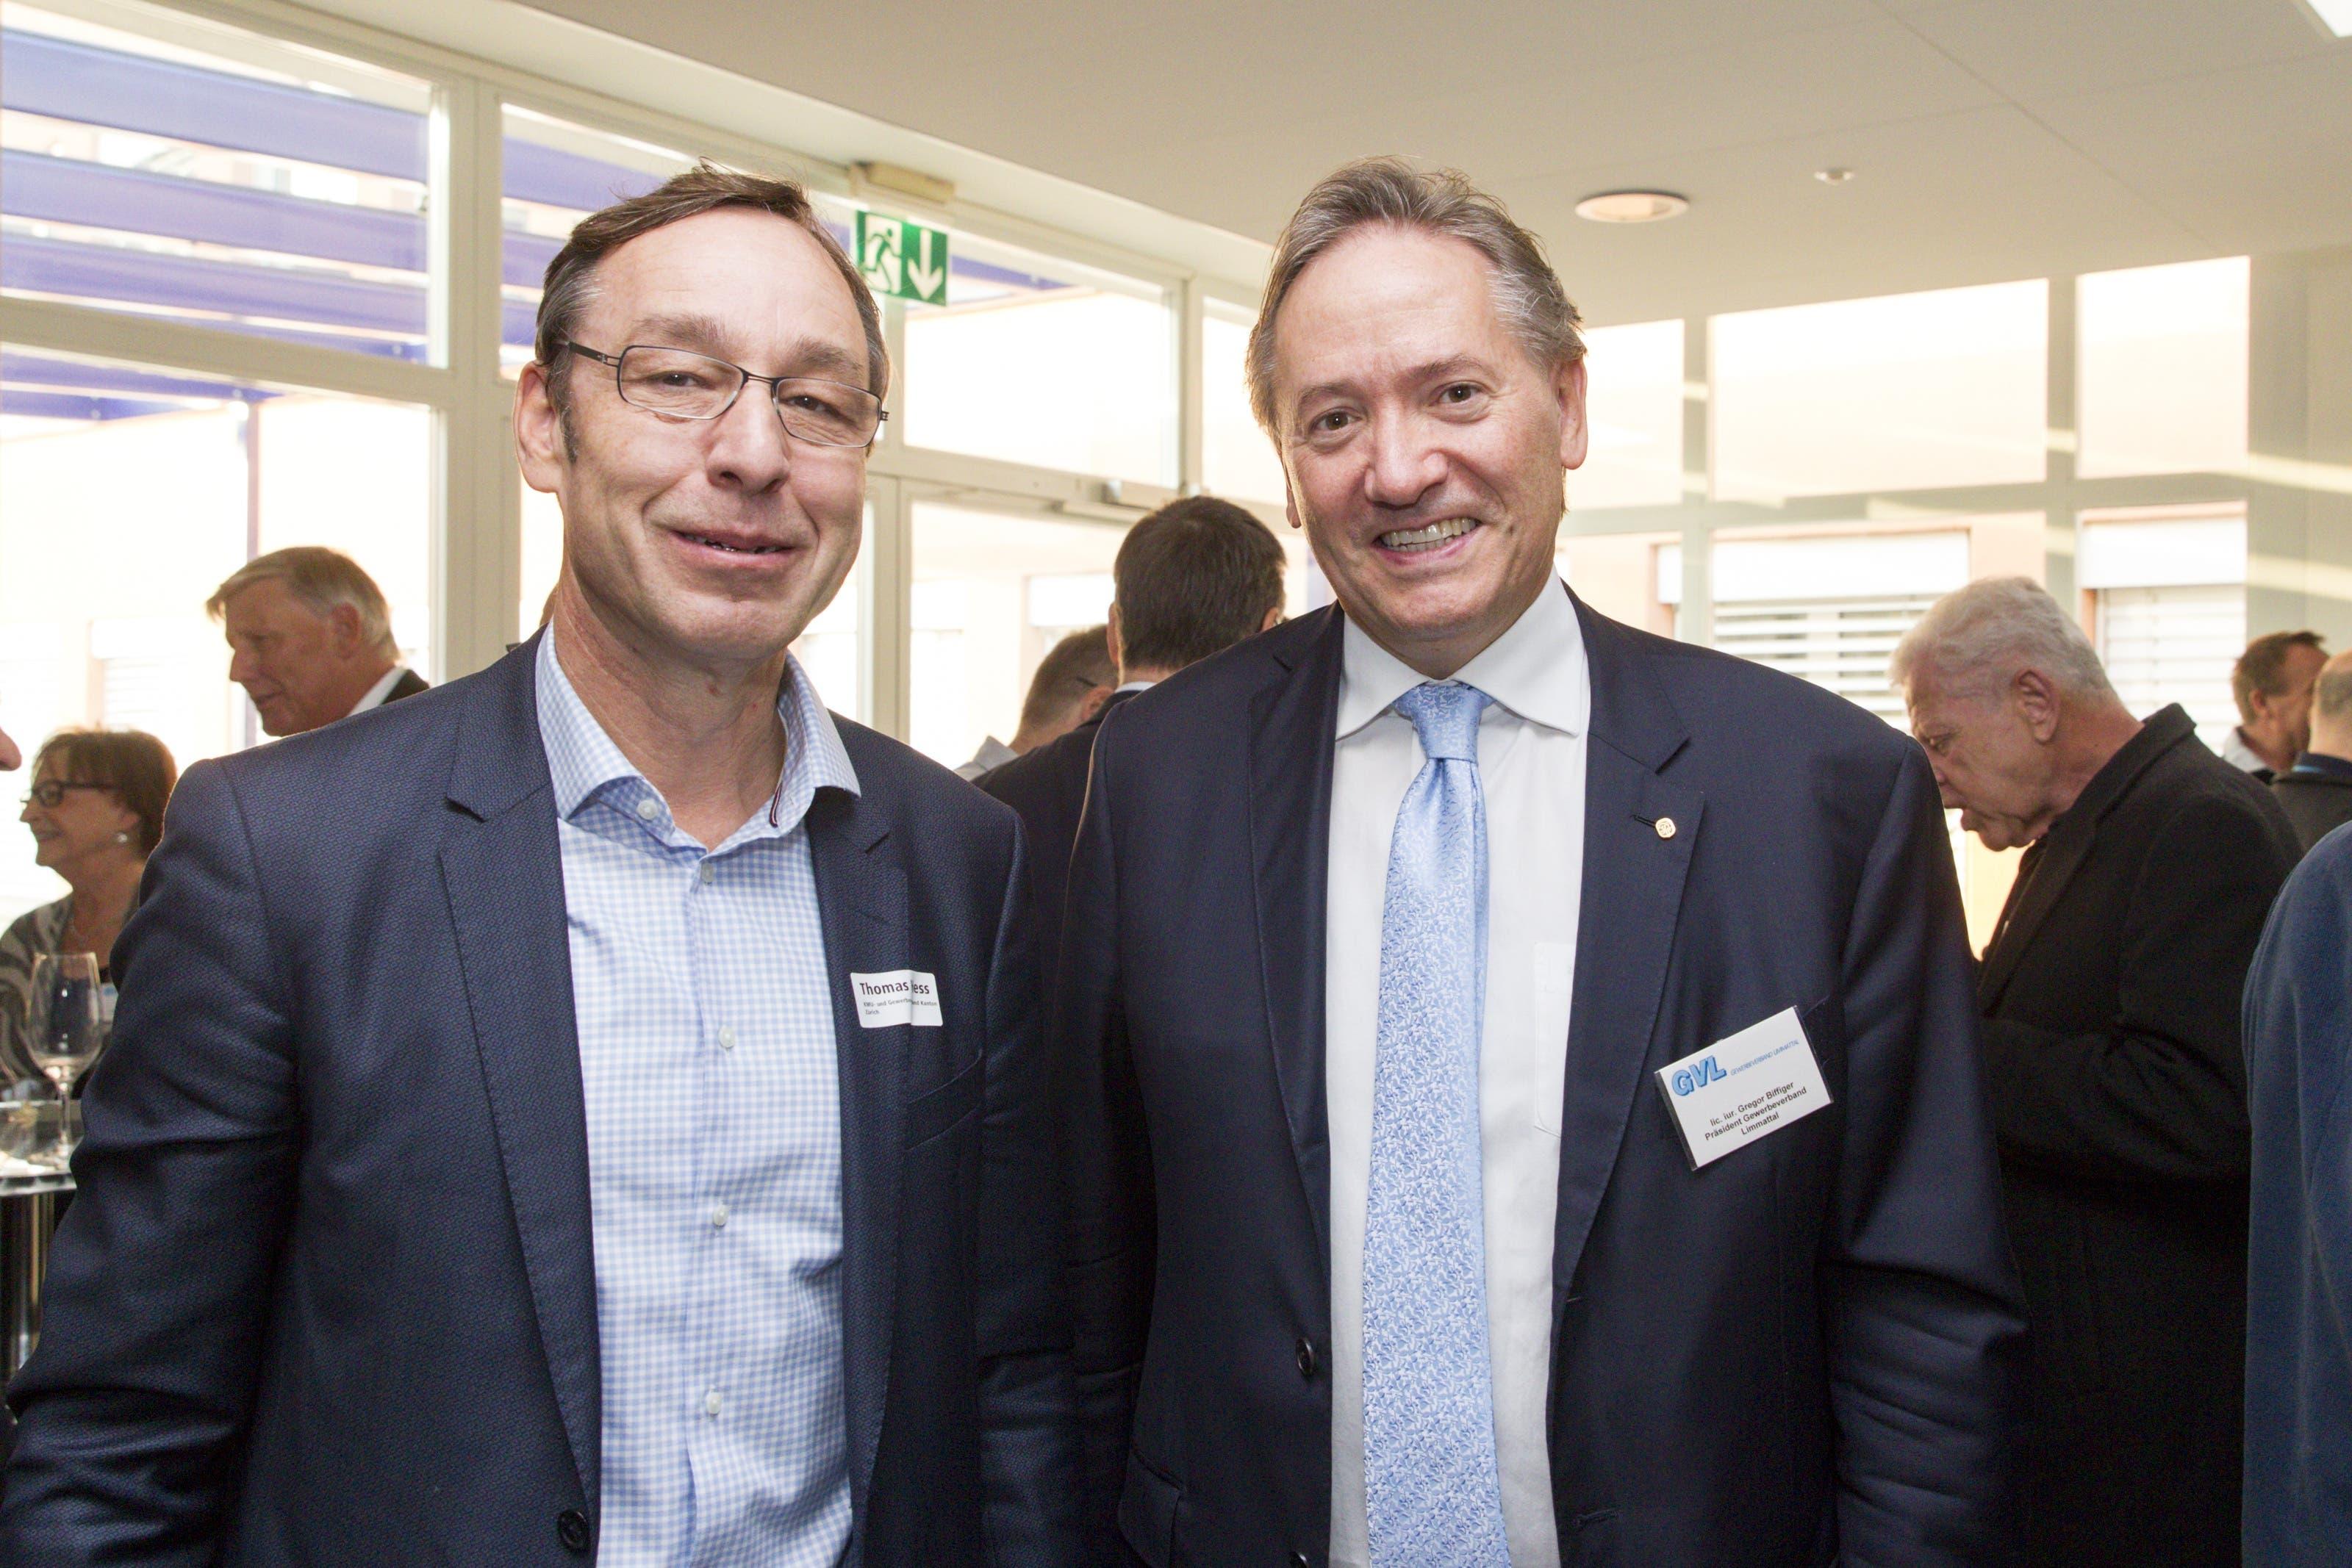 Gute Zusammenarbeit: Thomas Hess, Geschäftsleiter des kantonalen KMU- und Gewerbeverbands, und Gregor Biffiger, Präsident des Gewerbeverbands Limmattal.